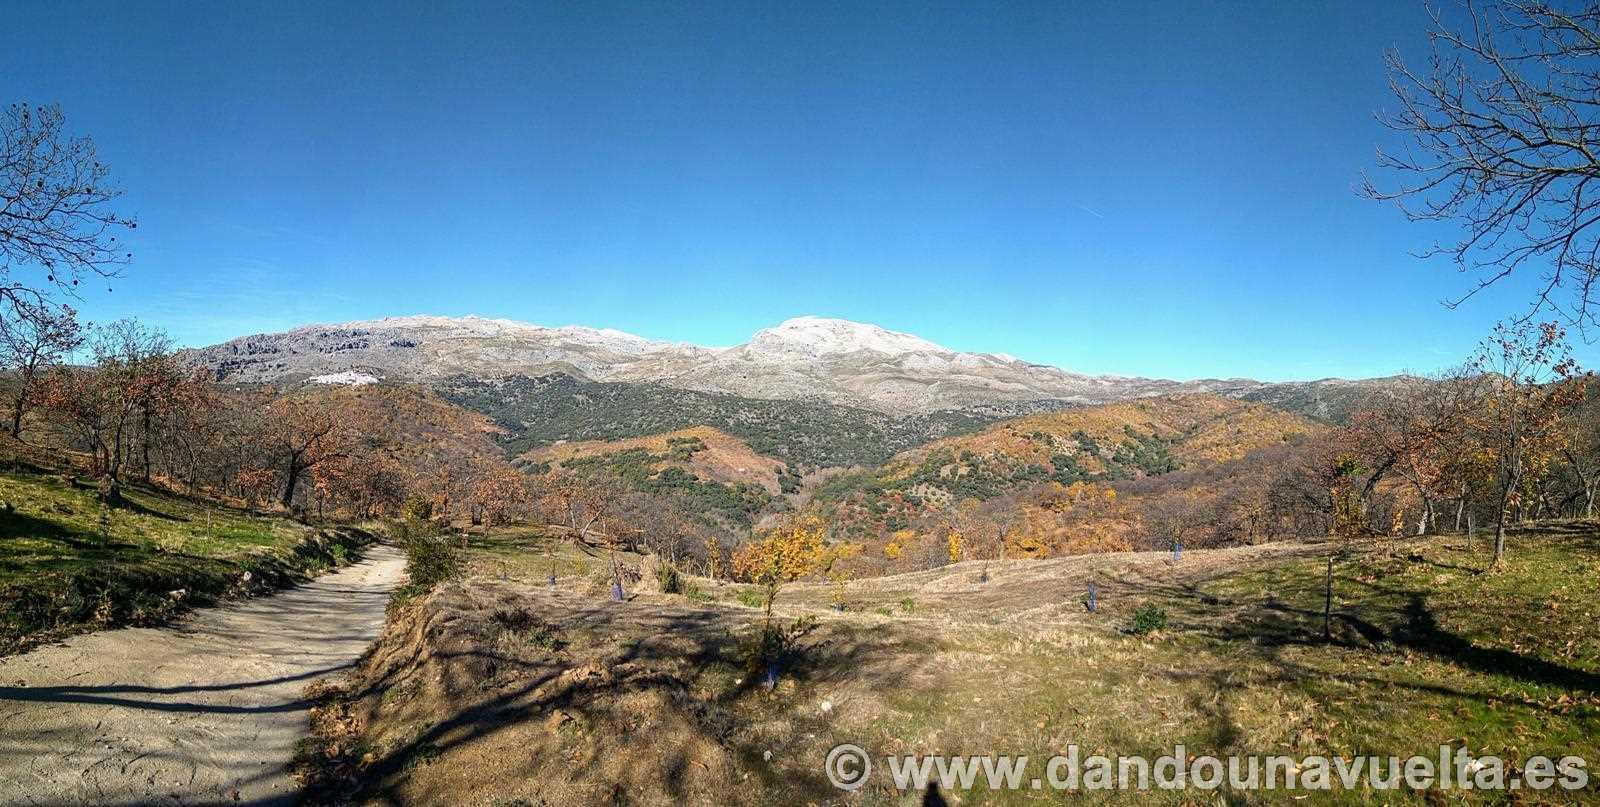 Vistas durante el avituallamiento en la ruta de senderismo de los castaños Parauta